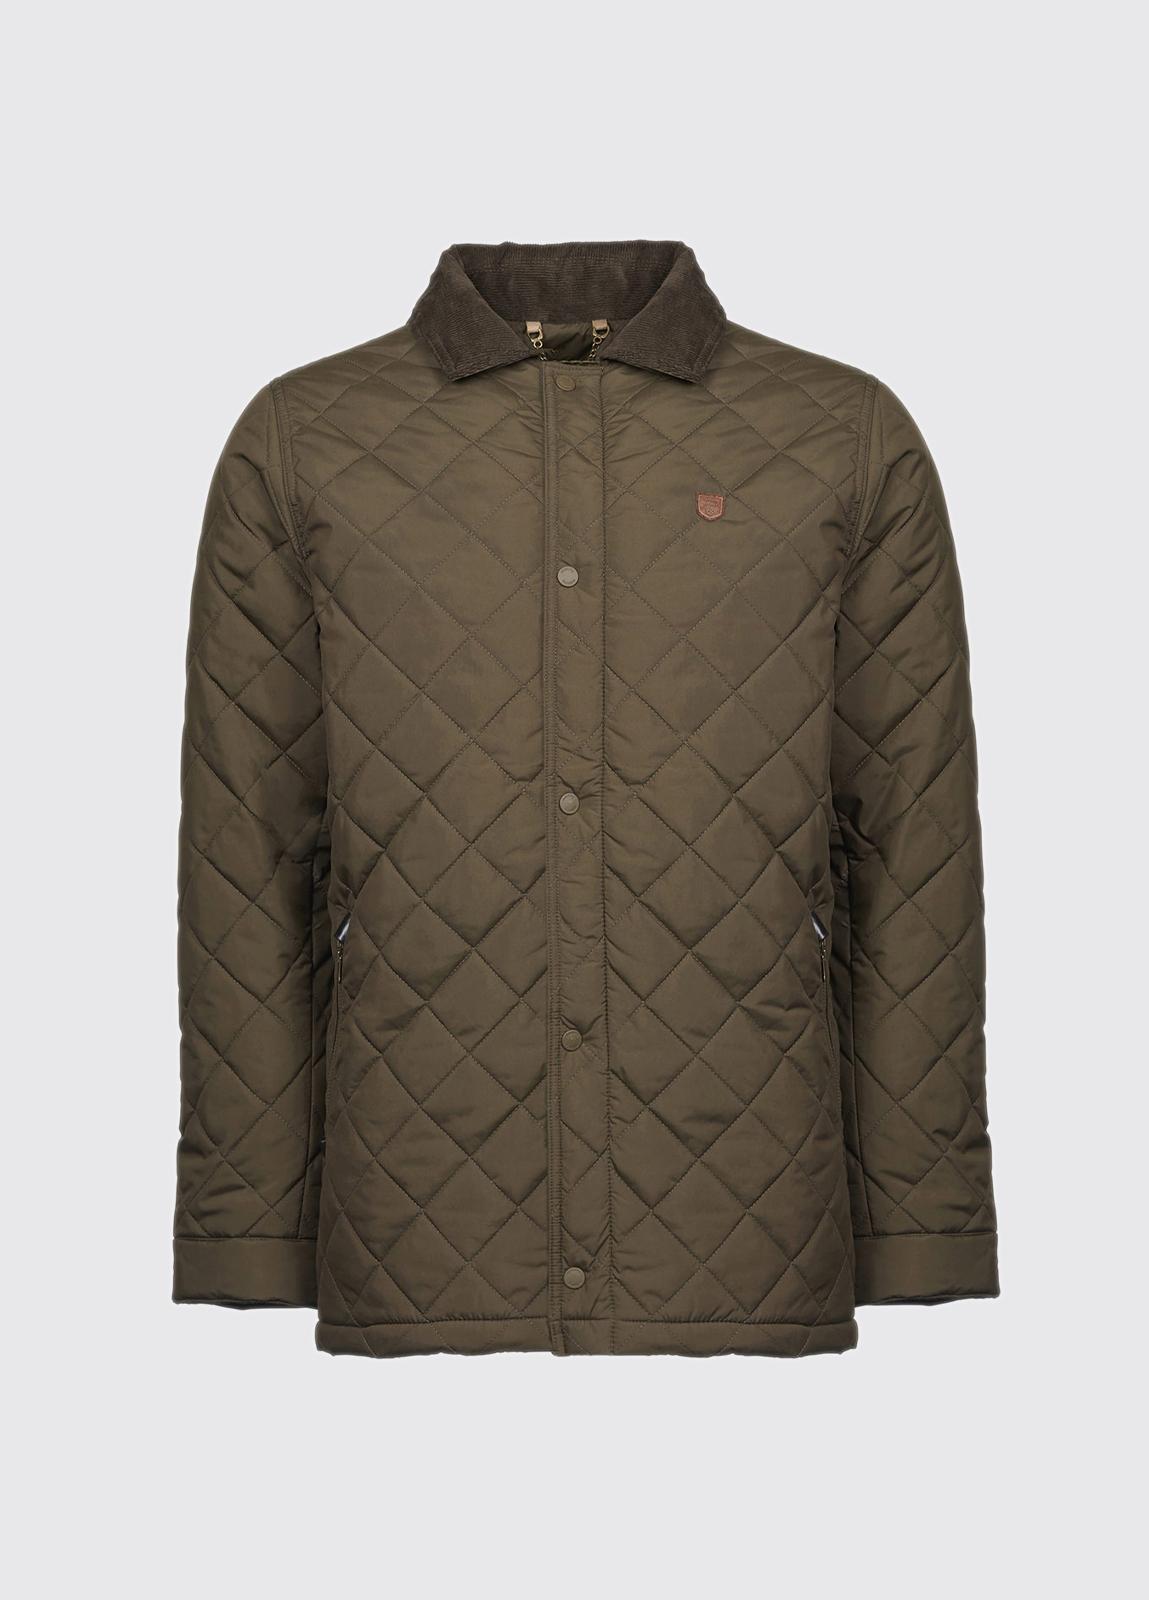 Clonard Men's Jacket - Olive